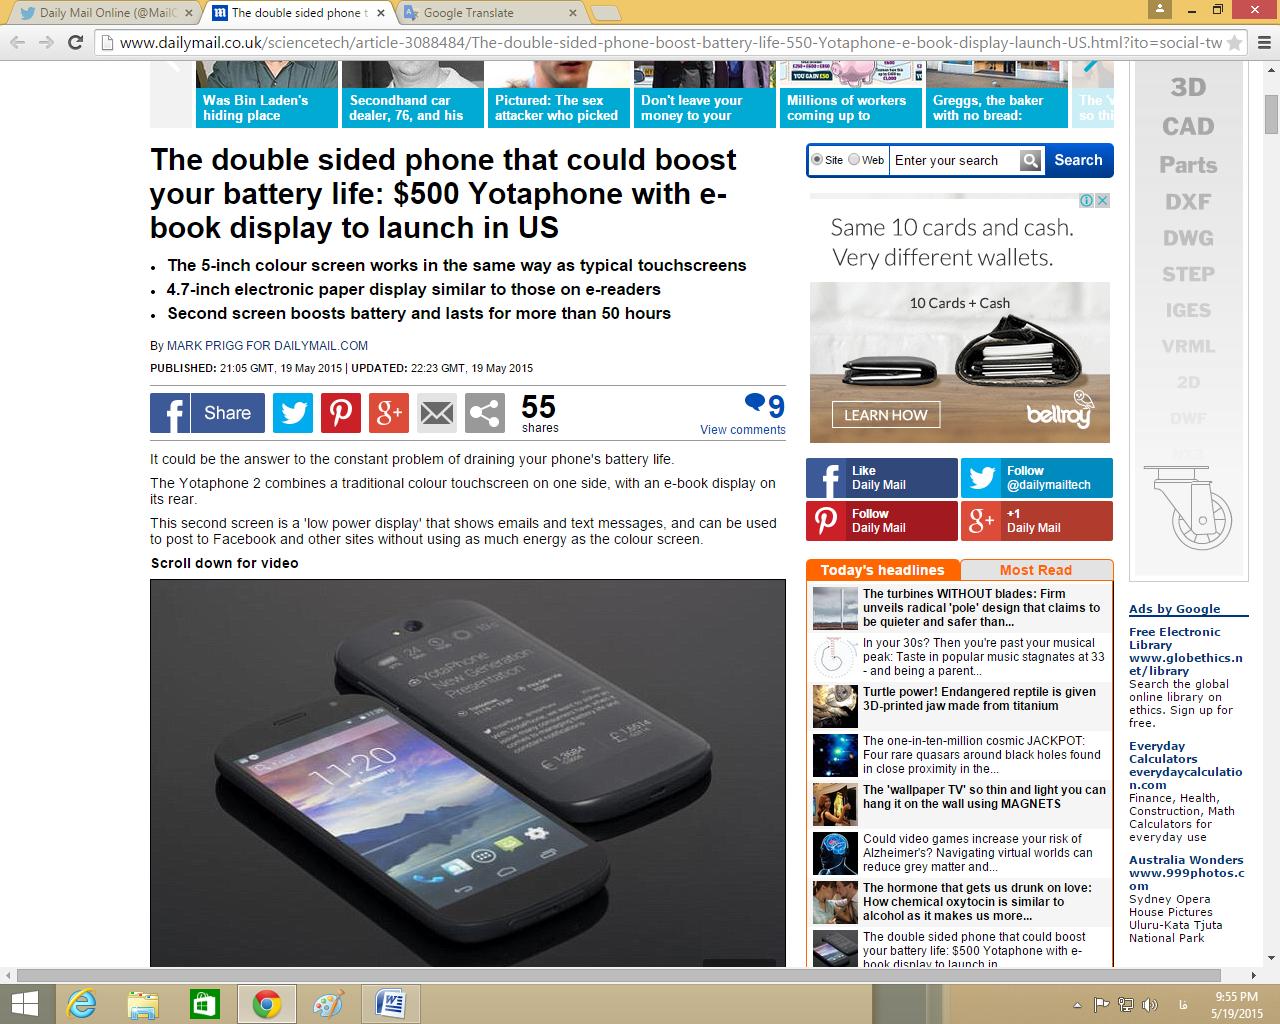 مشکل همیشگی زود خالی شدن باطری تلفن همراه حل شده!